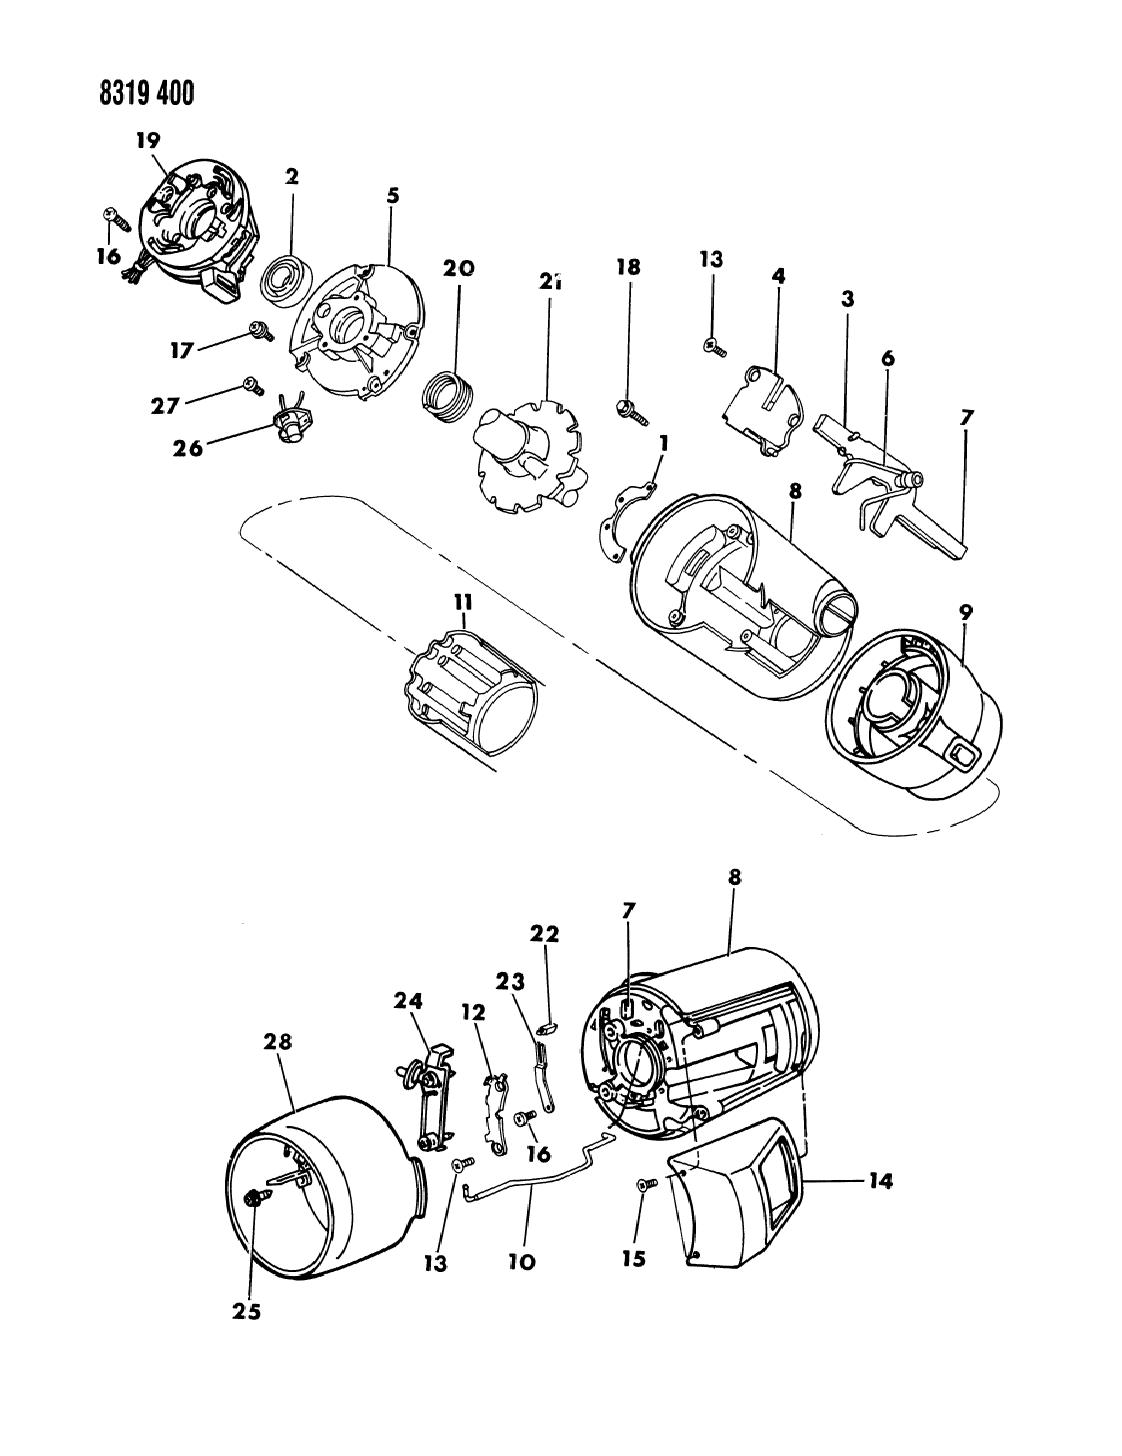 1988 Dodge Ram Van Column  Steering Without Tilt Upper